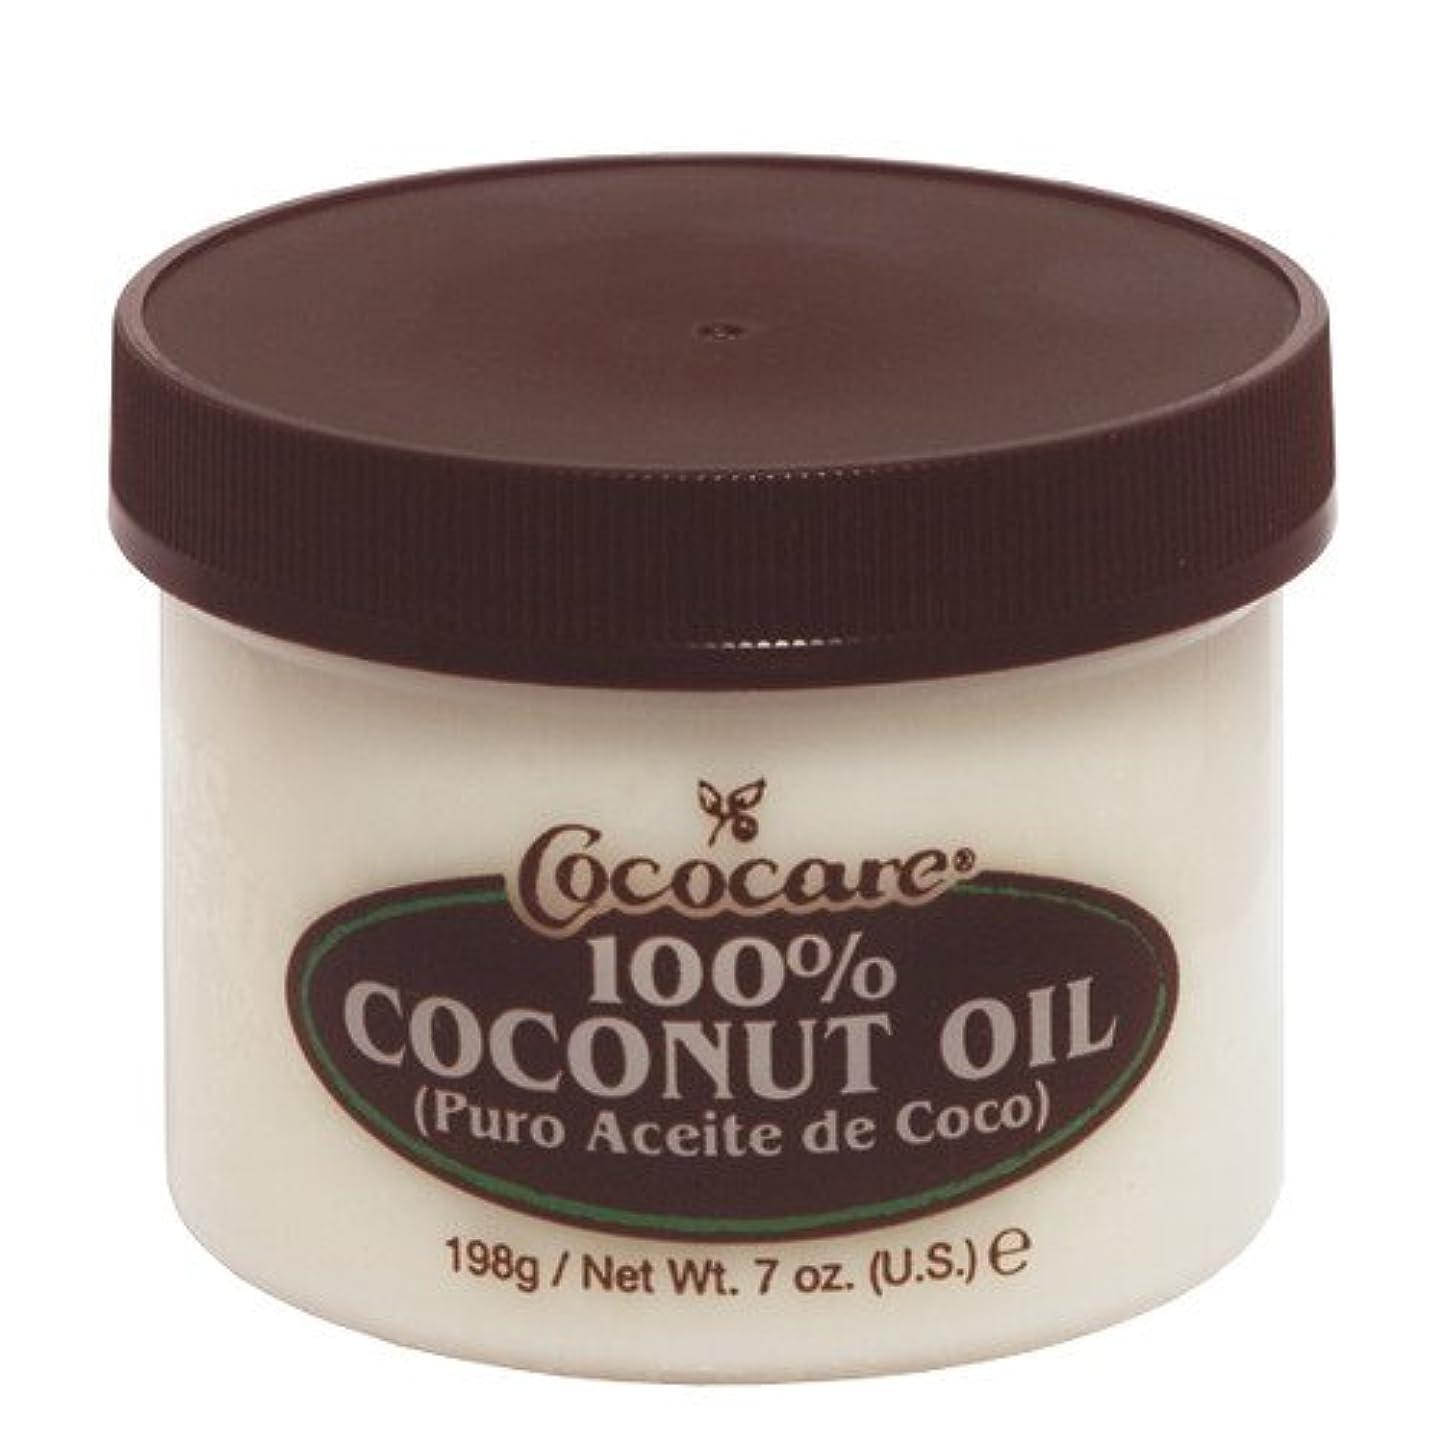 COCOCARE ココケア ココナッツオイル 198g